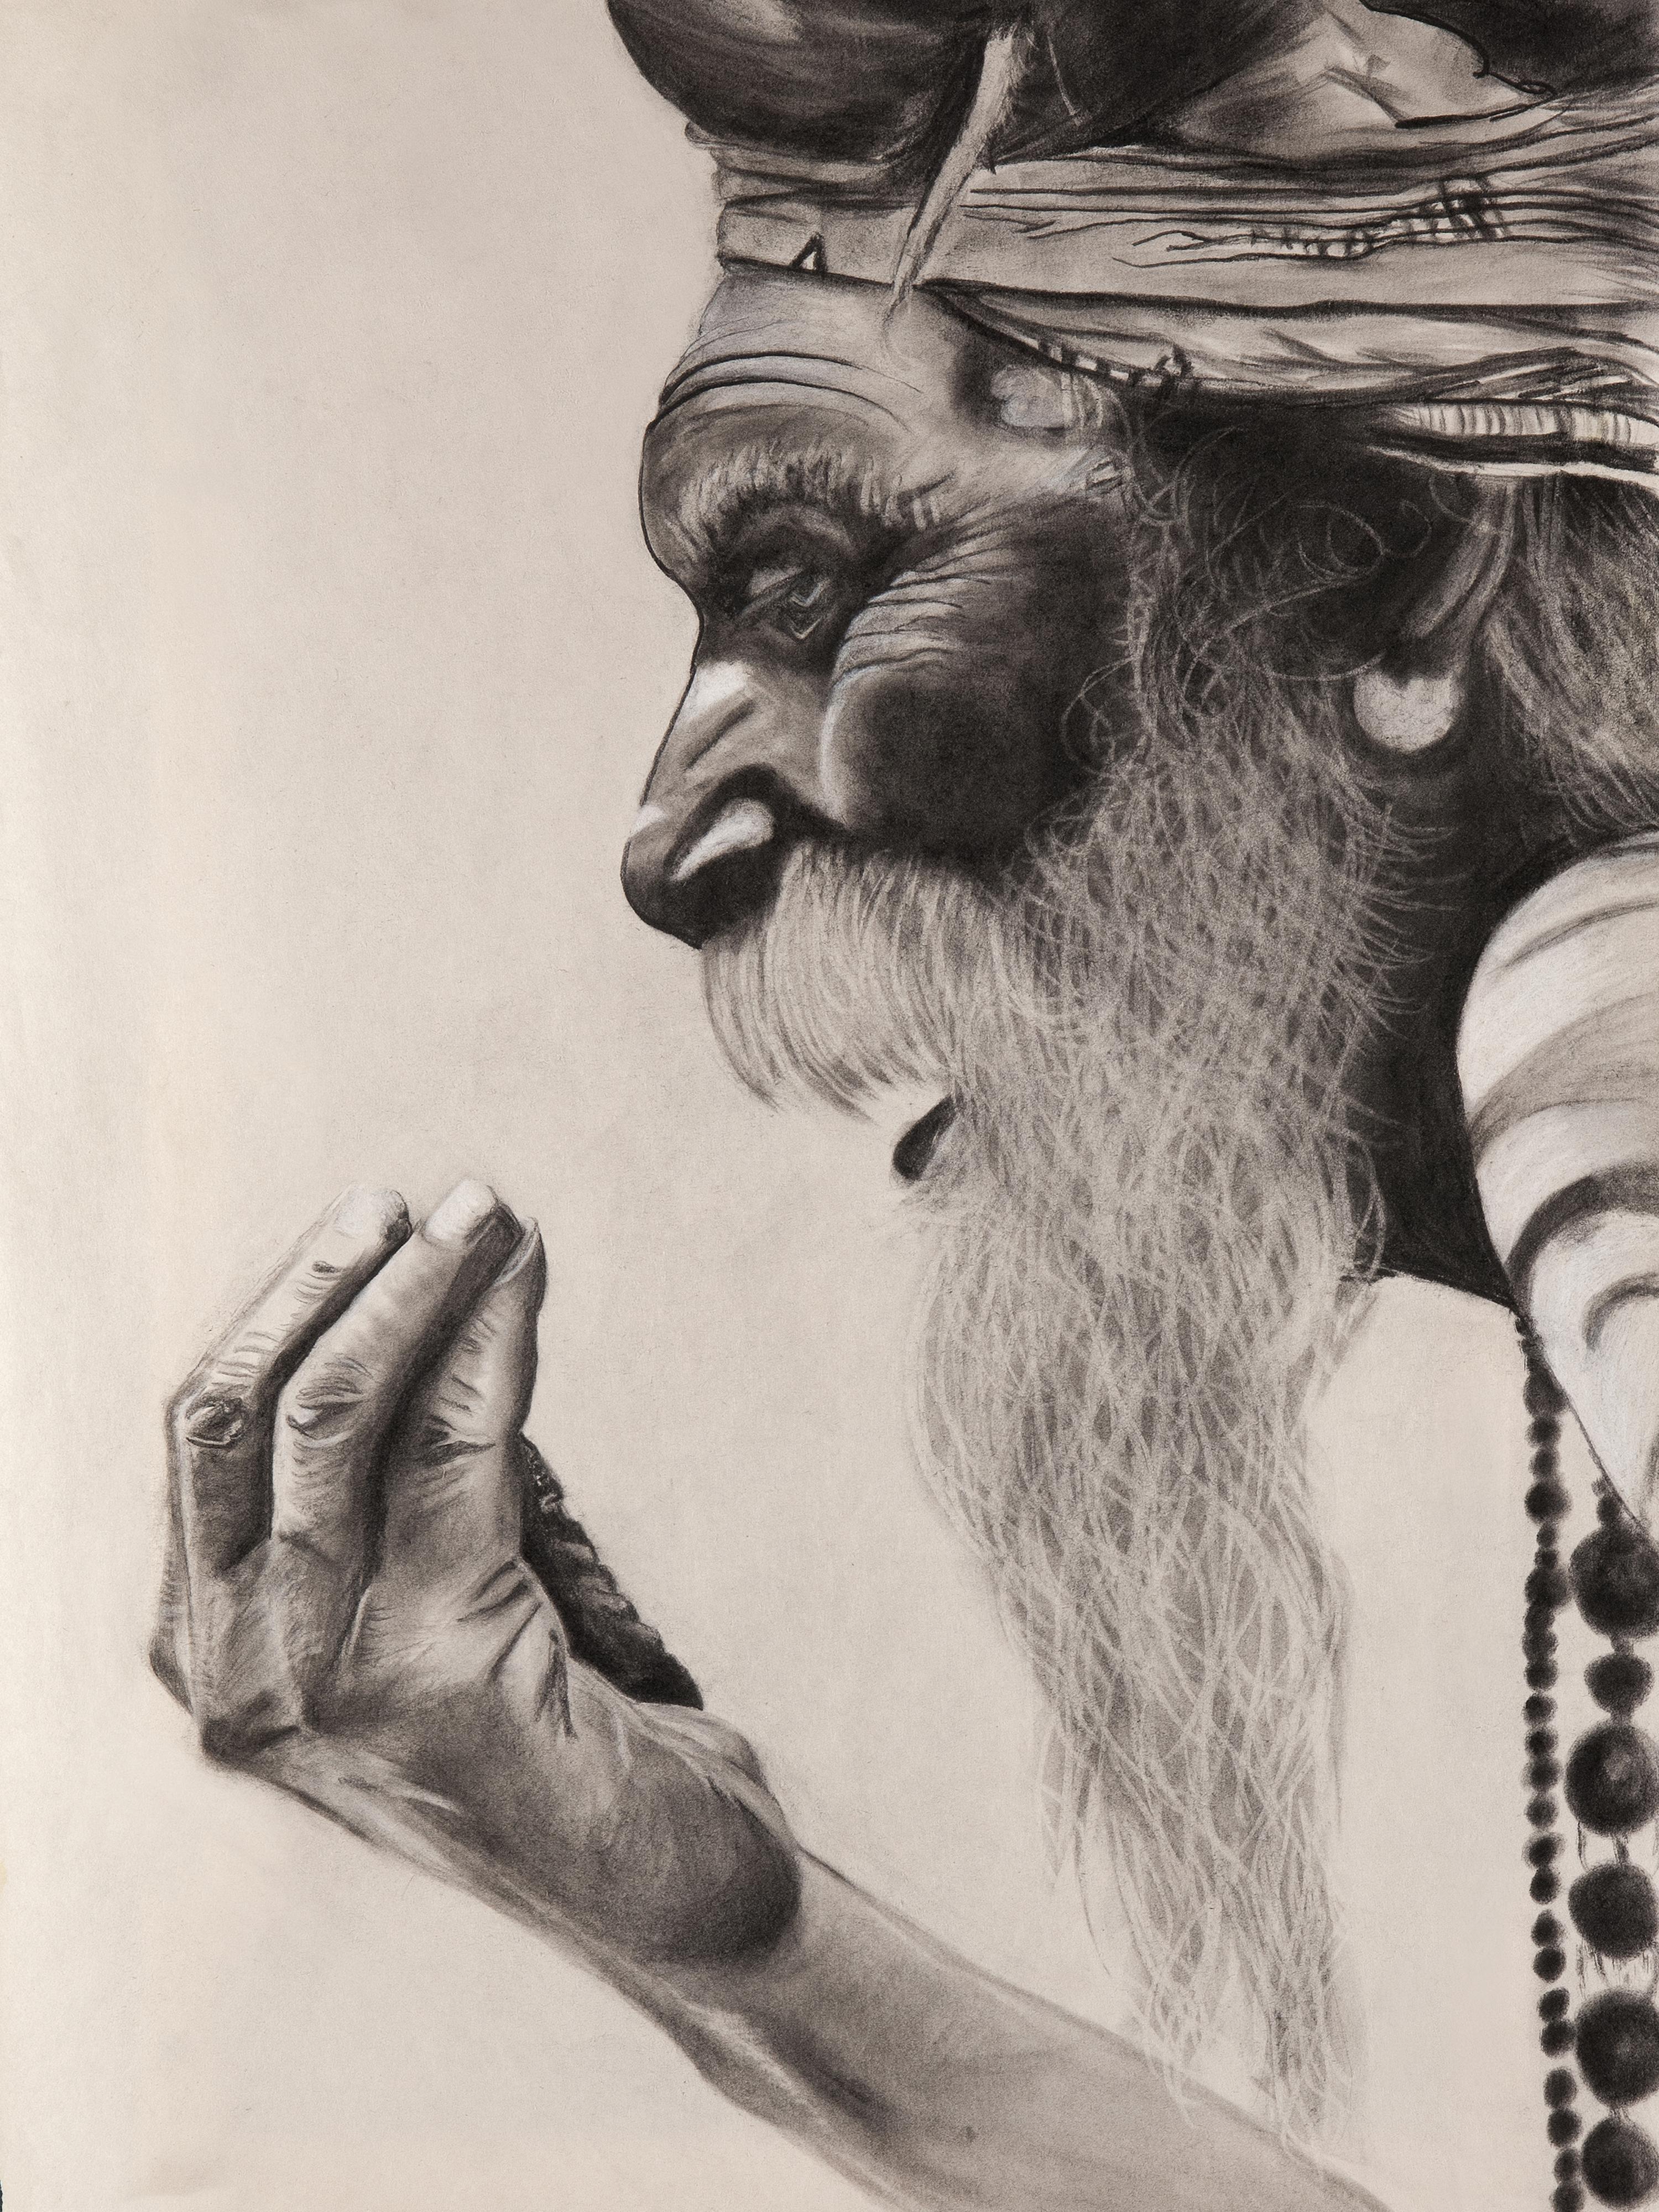 Hindu small